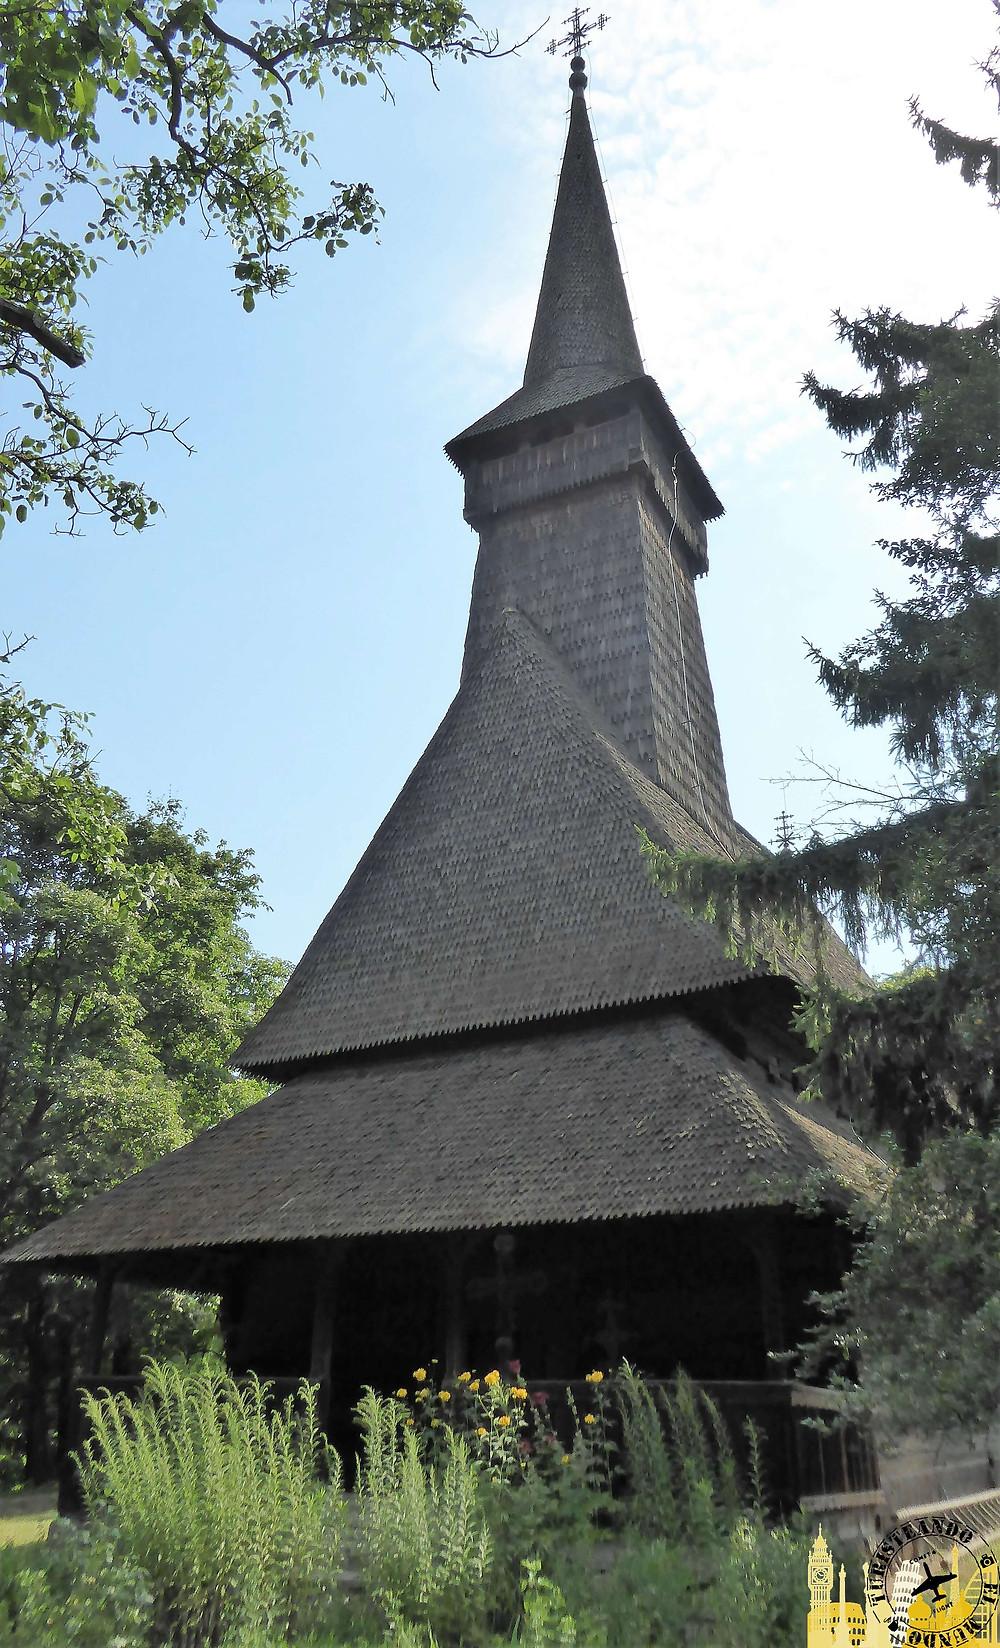 iglesia de madera de Dragomiresti, Bucarest (Rumania)